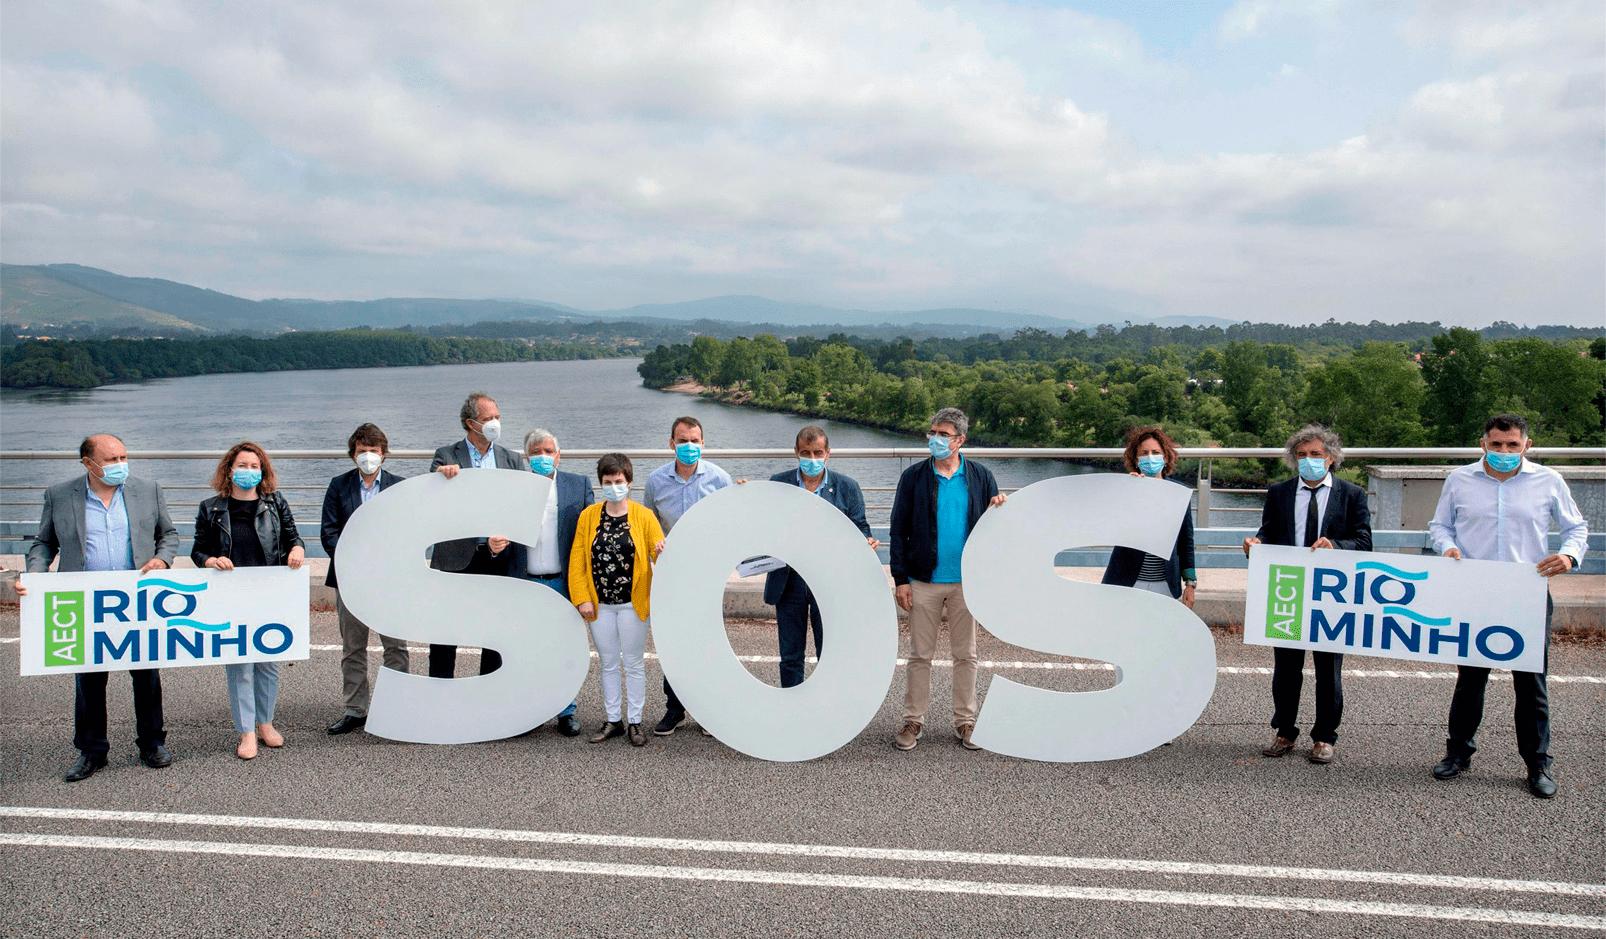 SOS para flexibilizar passagem de trabalhadores transfronteiriços